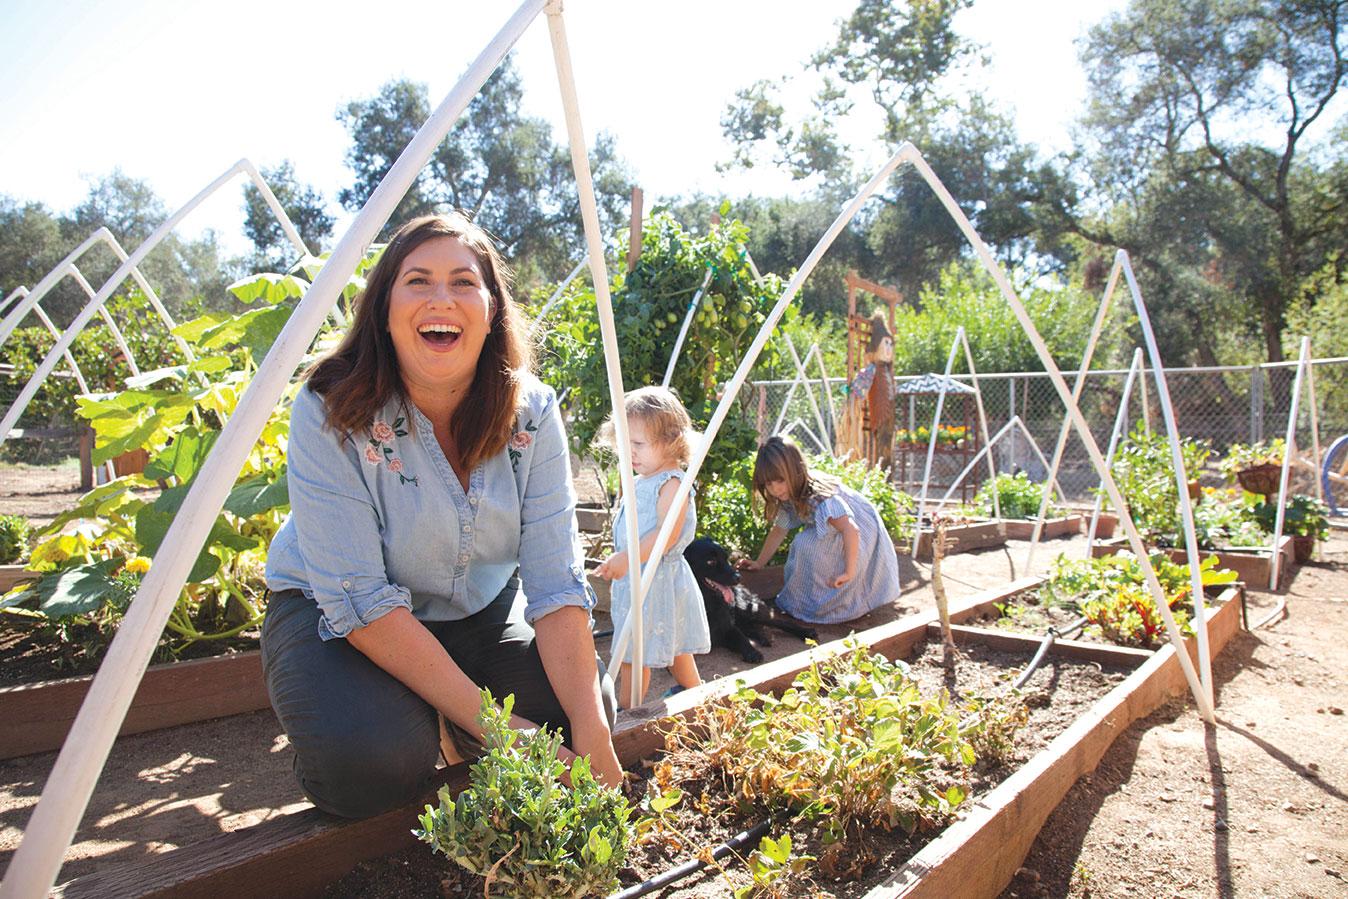 family garden kids gardening raised beds